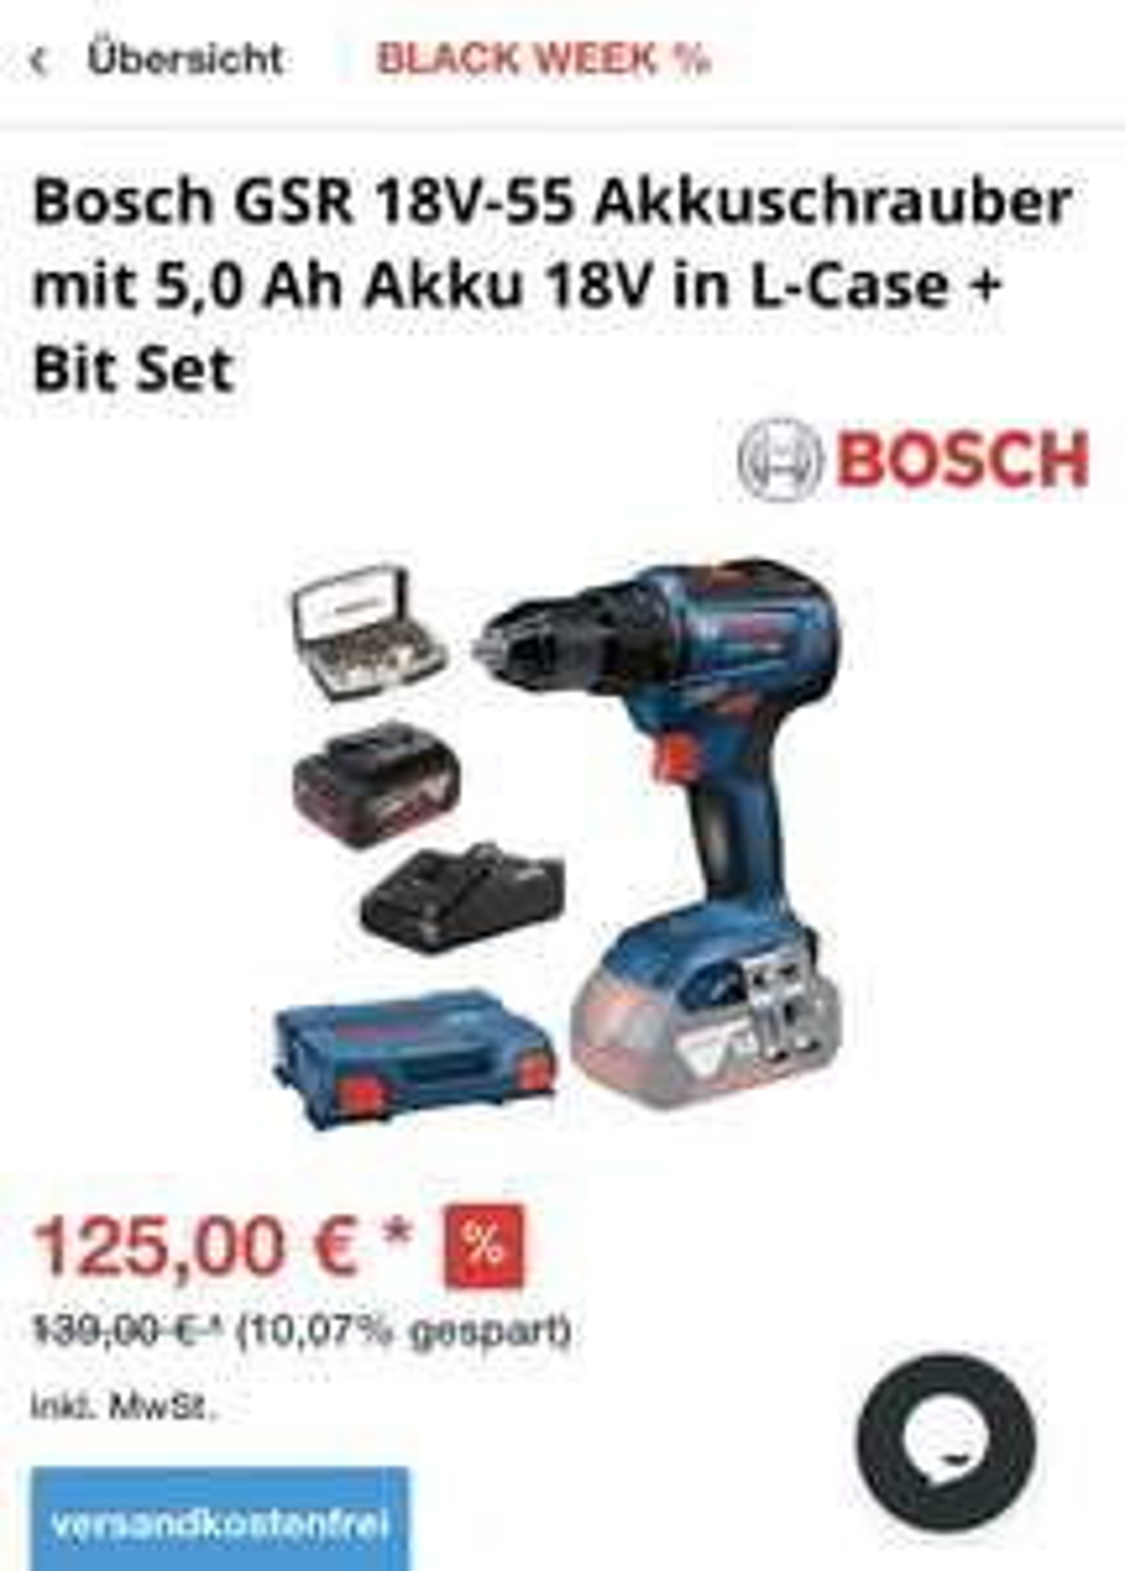 Bosch GSR 18V-55 Akkuschrauber mit 5,0 Ah Akku 18V in L-Case + Bit Set